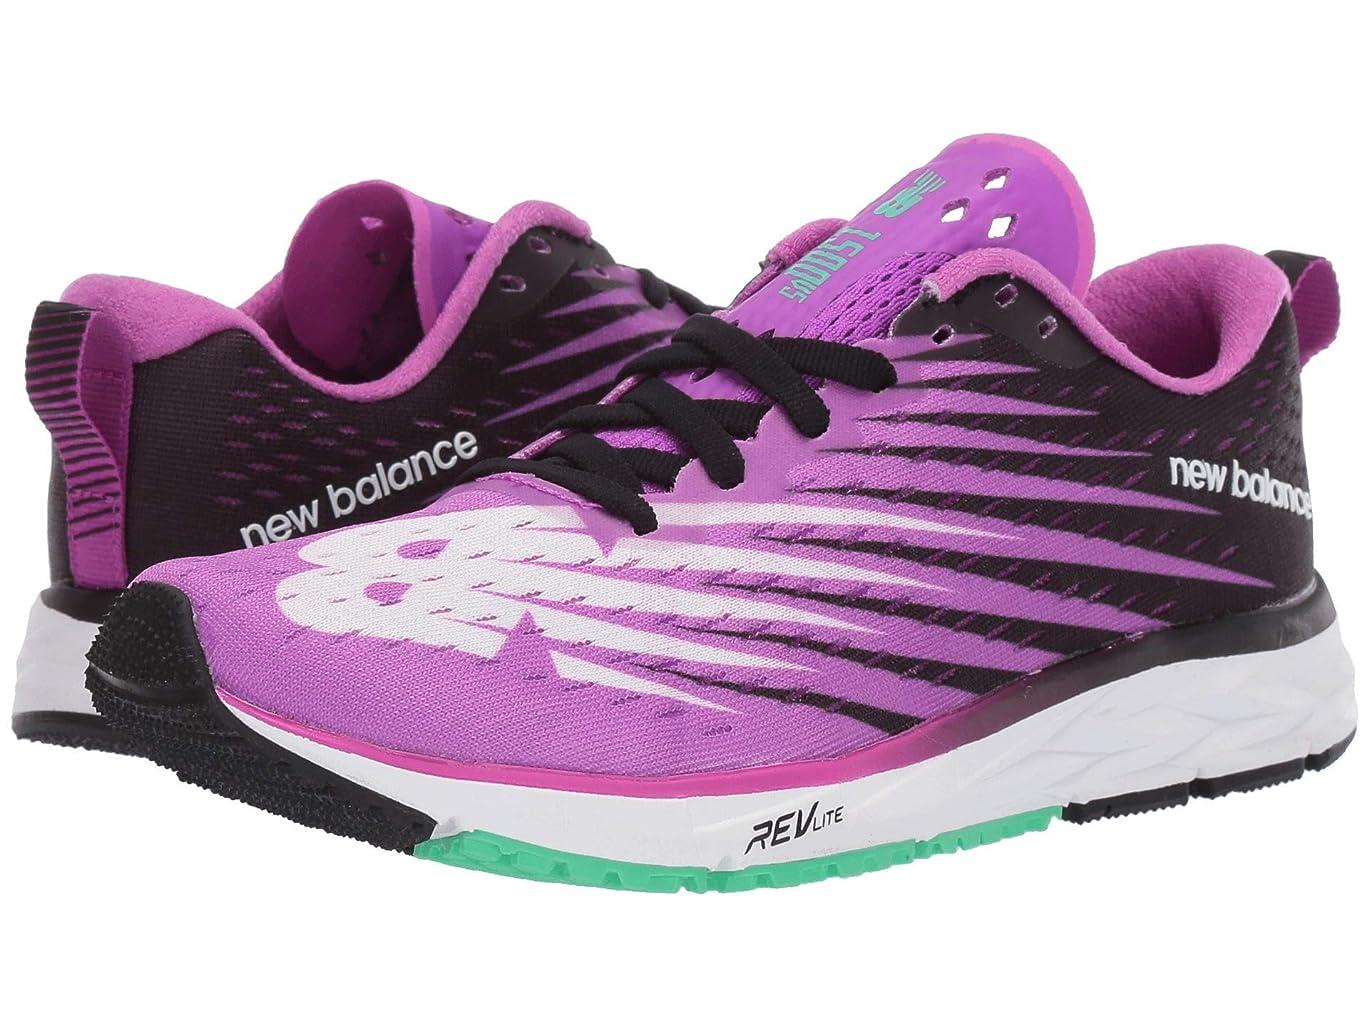 物理的に必要条件矢[ニューバランス] レディースランニングシューズ?スニーカー?靴 1500v5 Voltage Violet/Black 6 (23cm) D - Wide [並行輸入品]